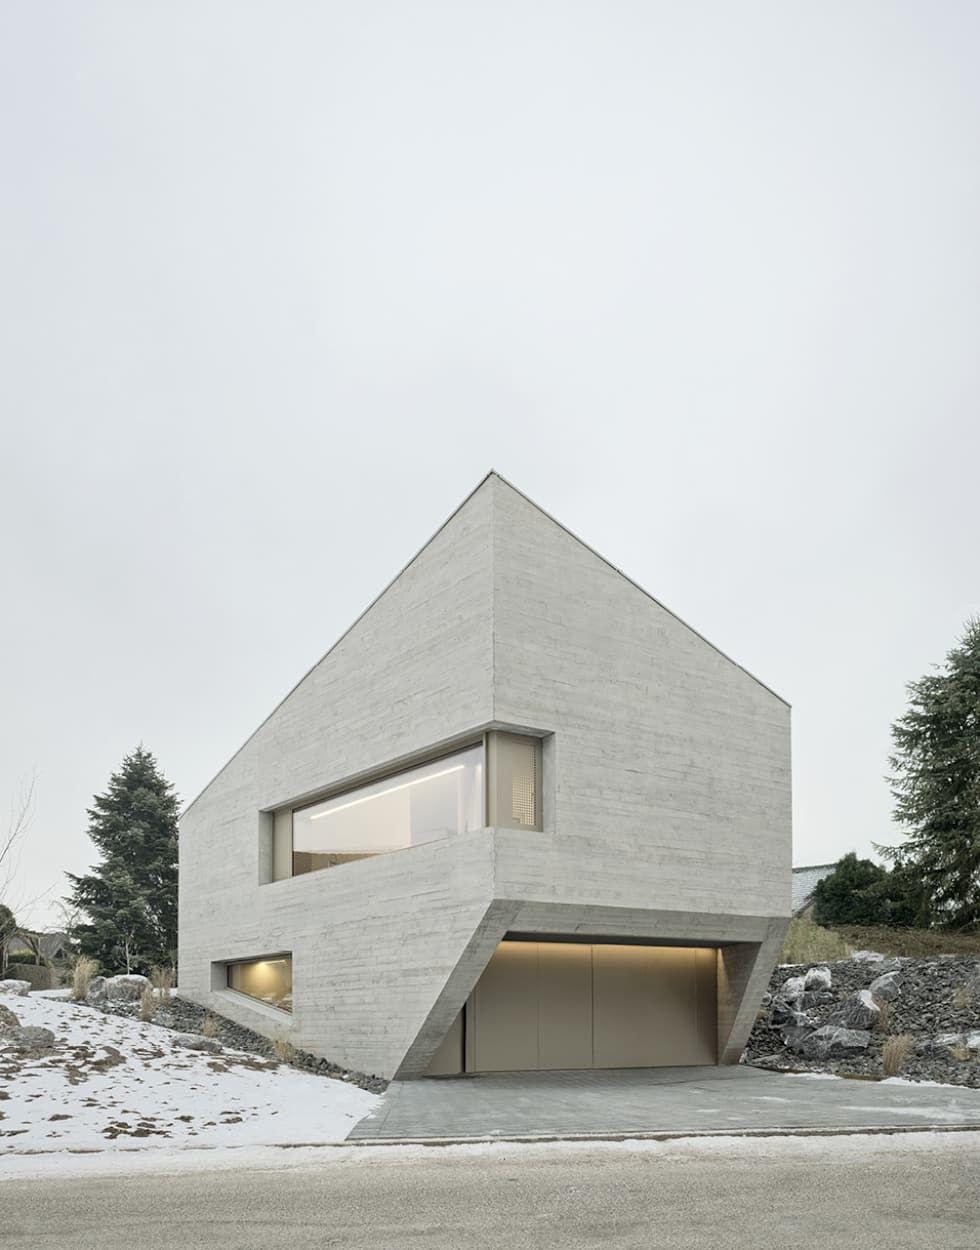 Minimalistische h user bilder e20 wohnhaus for Minimalistisches haus grundriss